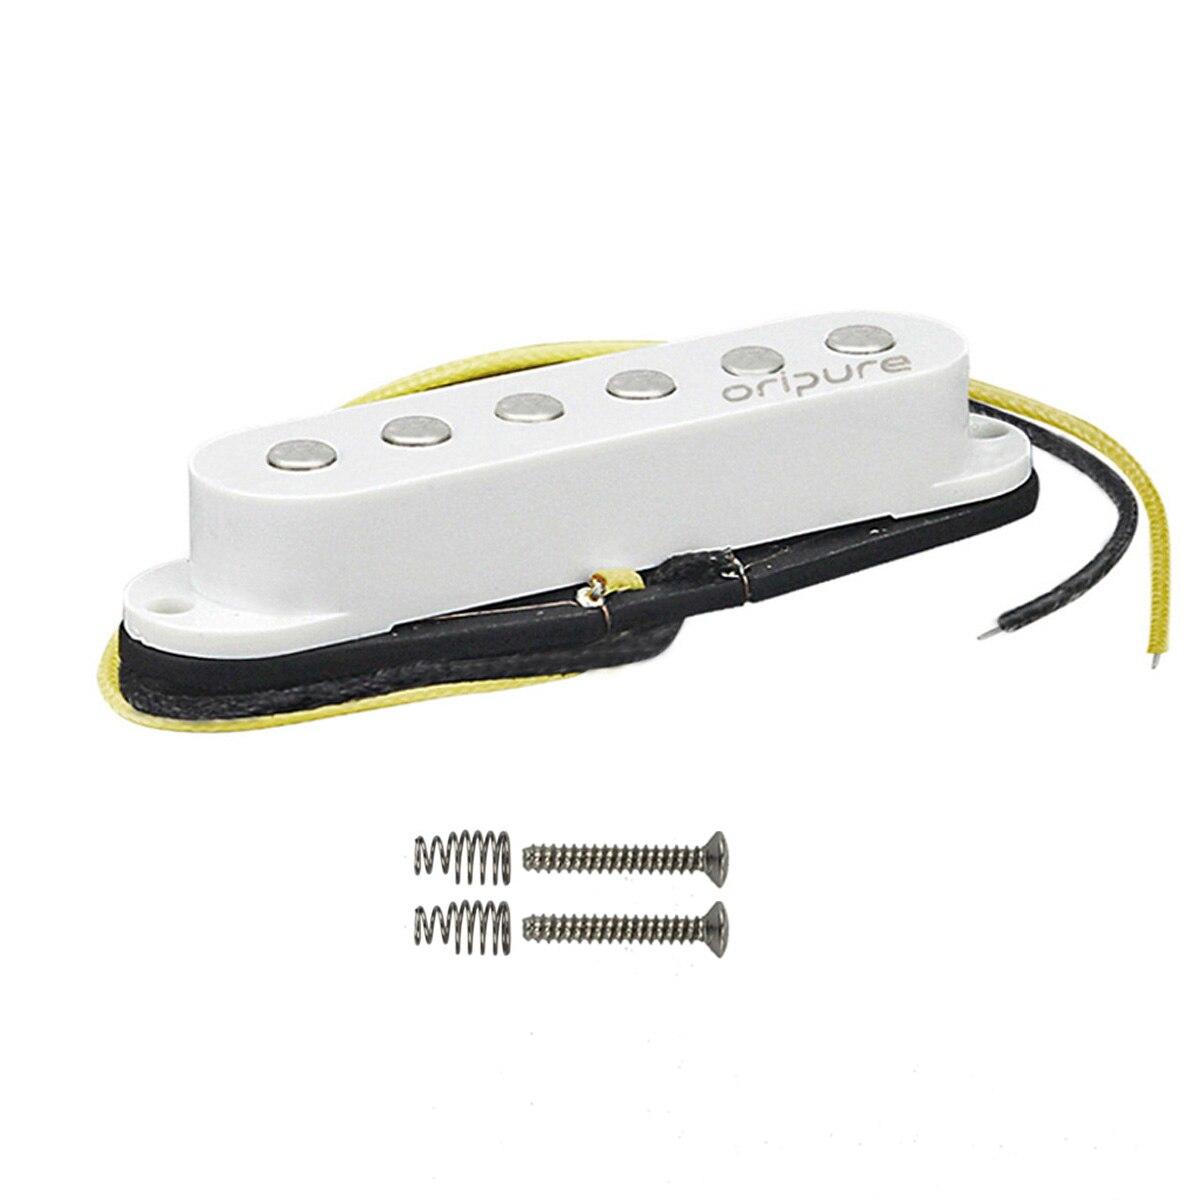 OriPure 1 pièces Vintage Alnico 5 pick-up simple bobine pick-up plat pour guitare électrique Strat, cou/milieu/pont pick-up pour choisir